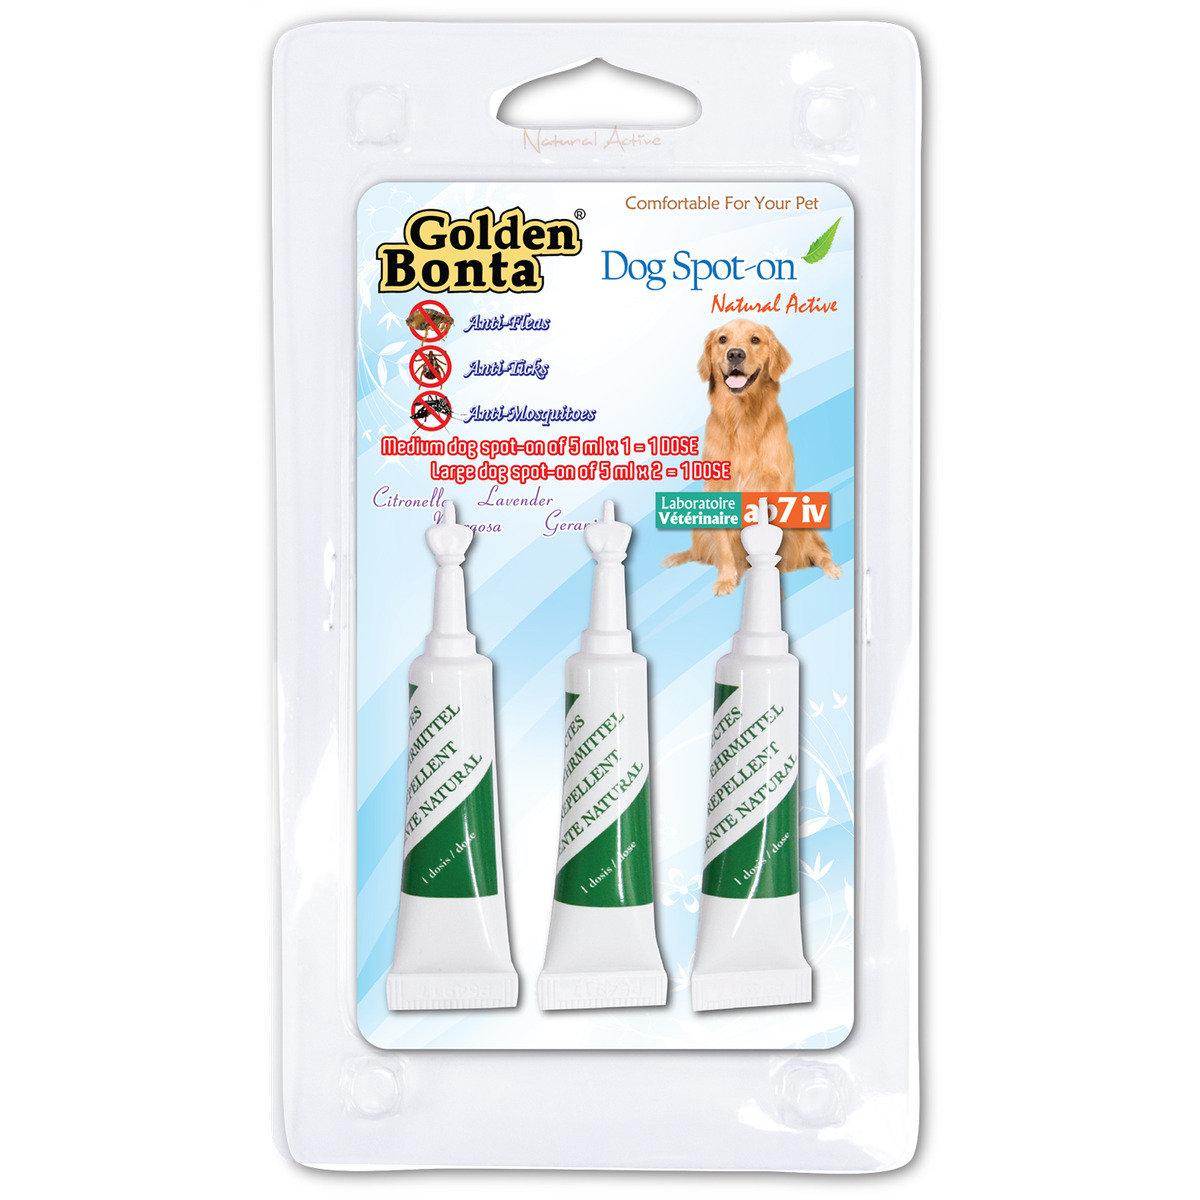 法國天然抗蚊蝨滴劑 (大型犬用)